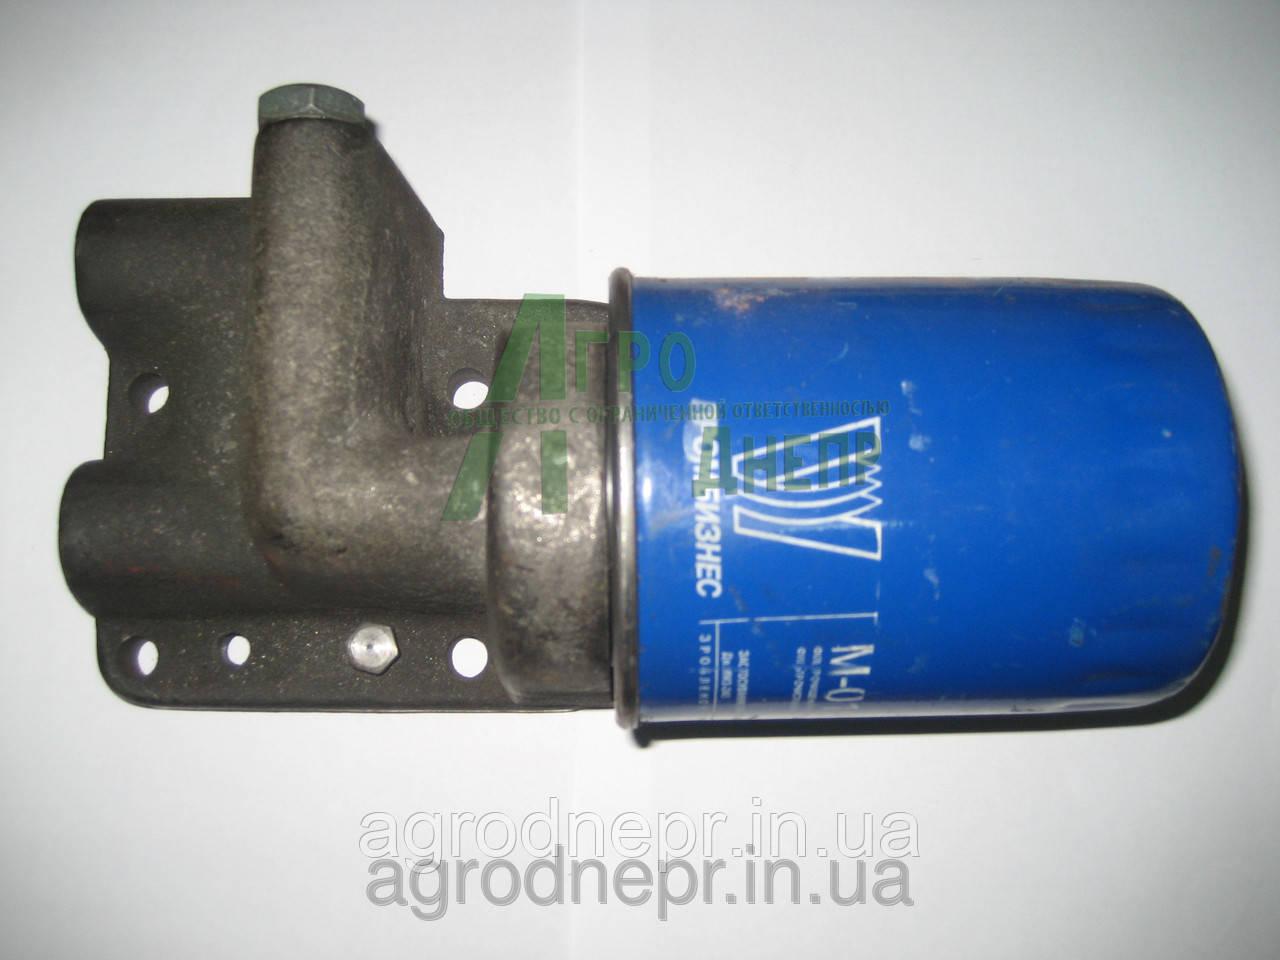 Фильтр масляный центробежный Д-65 Д48-09-С01-В СБ